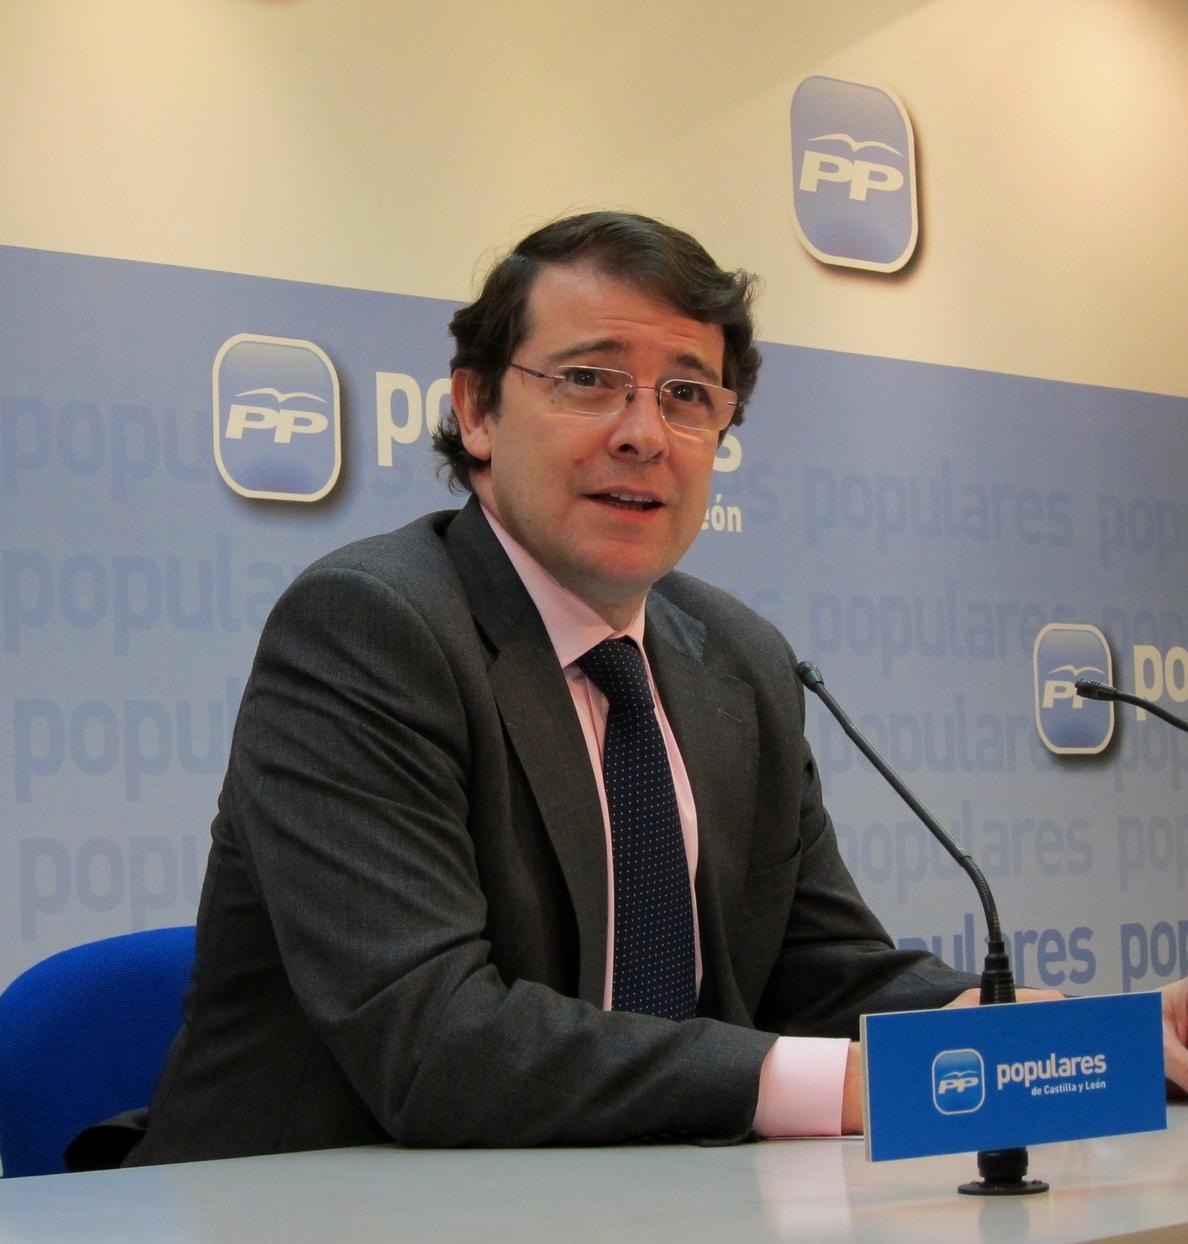 Mañueco cree que la candidatura de Cañete es una buena noticia para CyL por su conocimiento de Europa